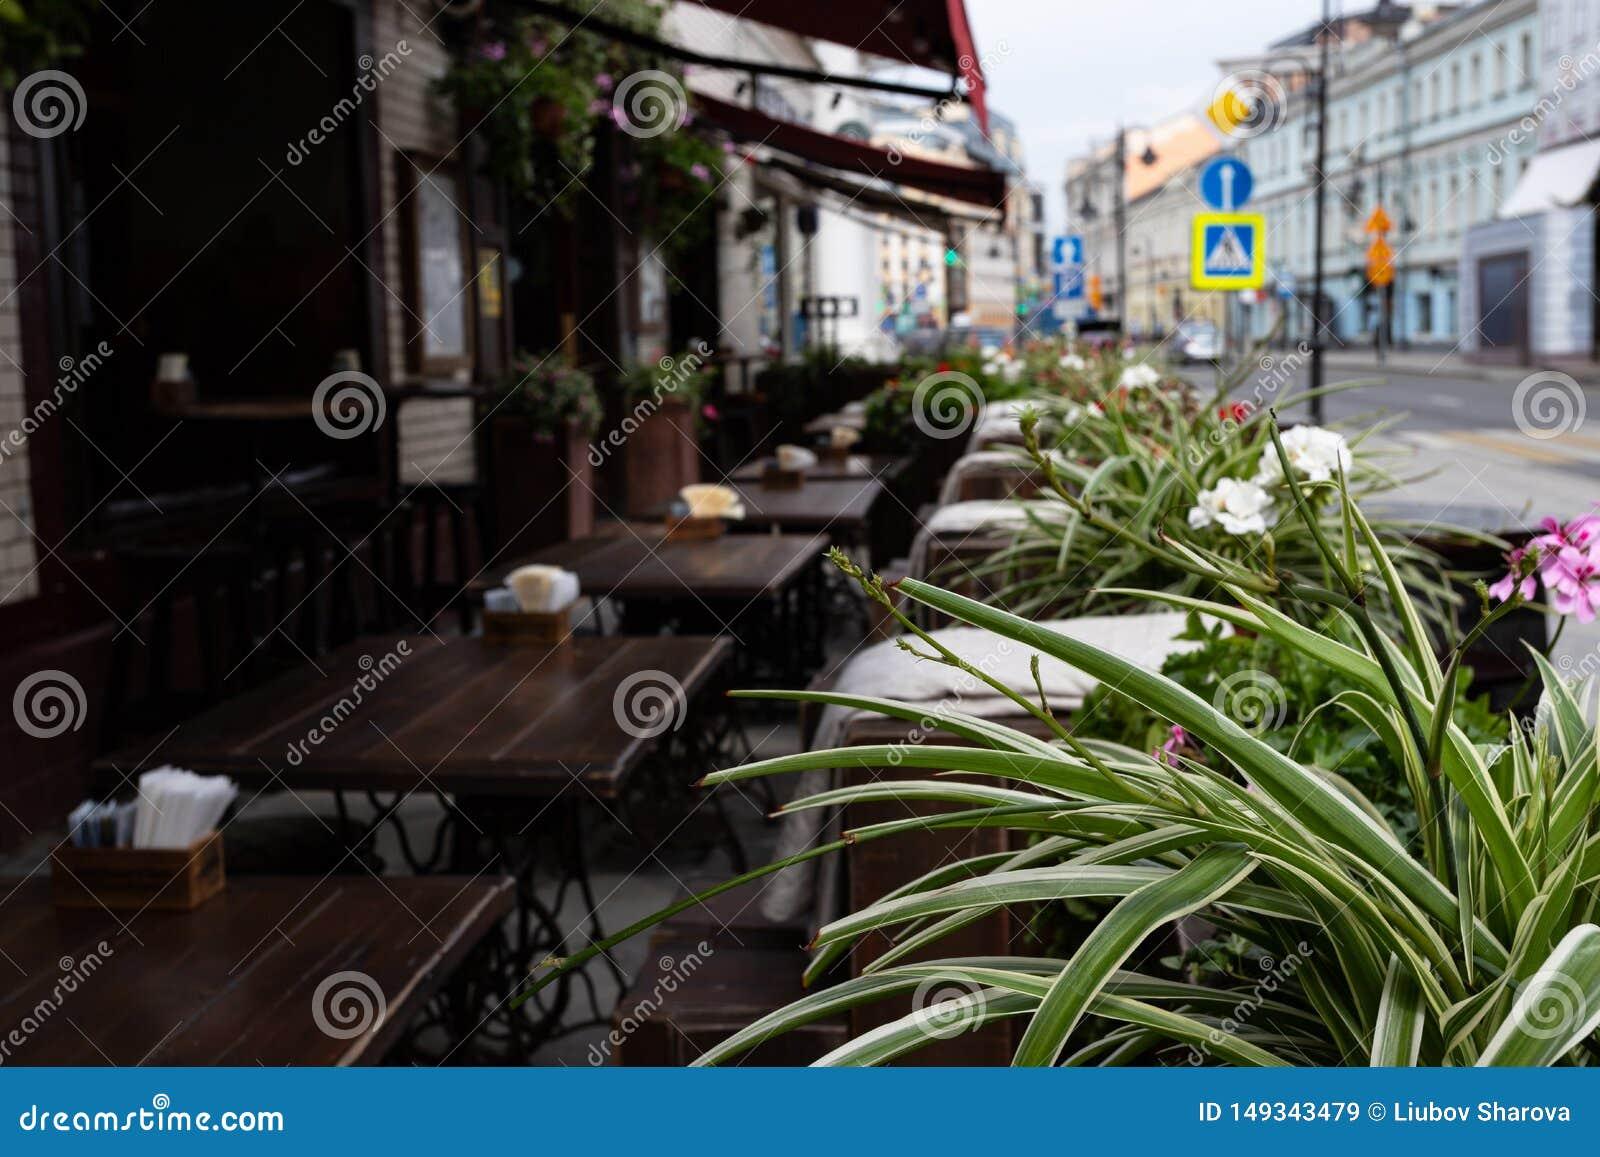 Gatatabeller utanf?r ett kaf? i bakgrunden ?r defocused i f?rgrunden, sidorna av blommor